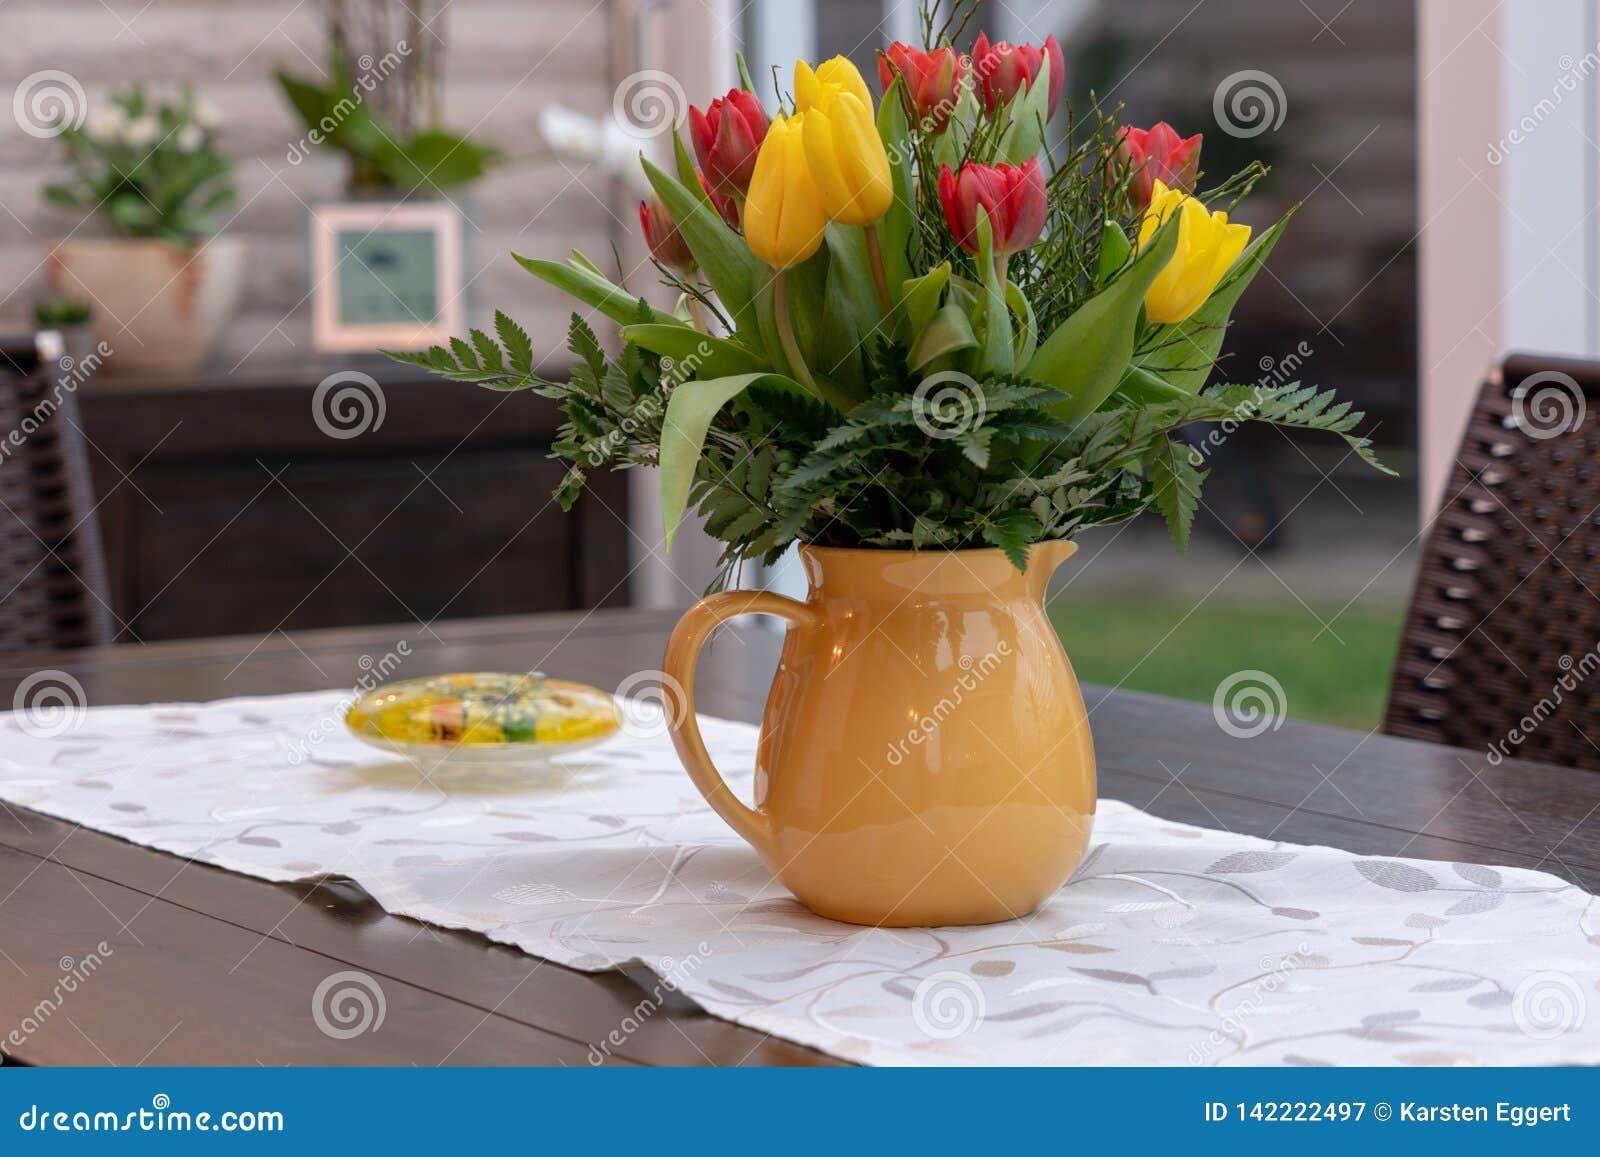 Boeket van kleurrijke tulpentribunes in een gele vaas